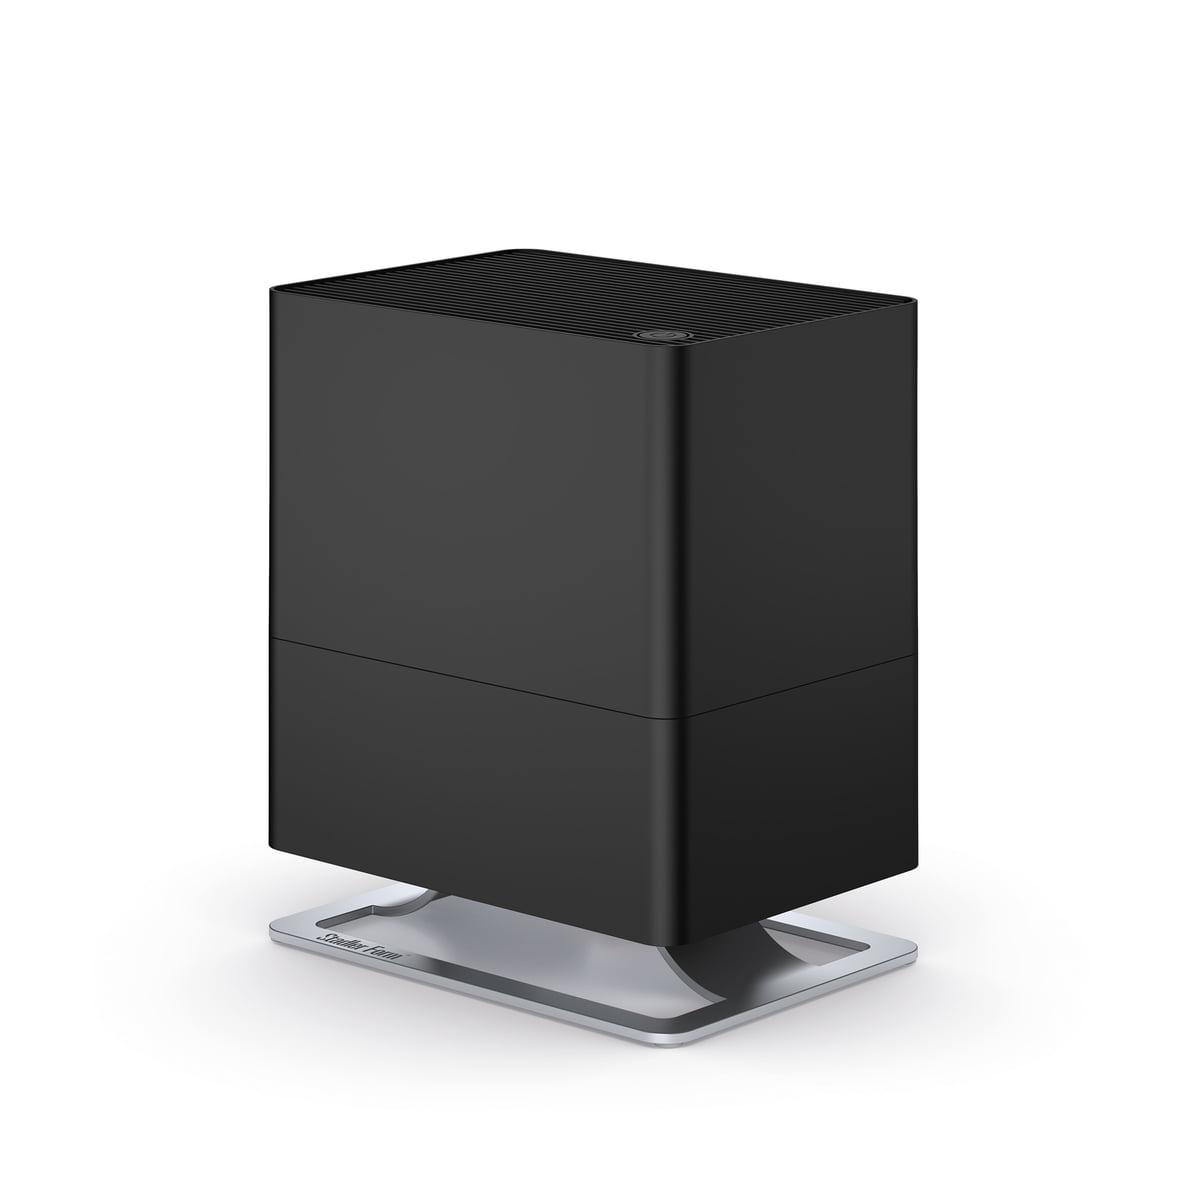 Stadler Form - Oskar Little Luftbefeuchter, schwarz   Baumarkt > Heizung und Klima > Klimageräte   Schwarz   Kunststoff   Stadler Form